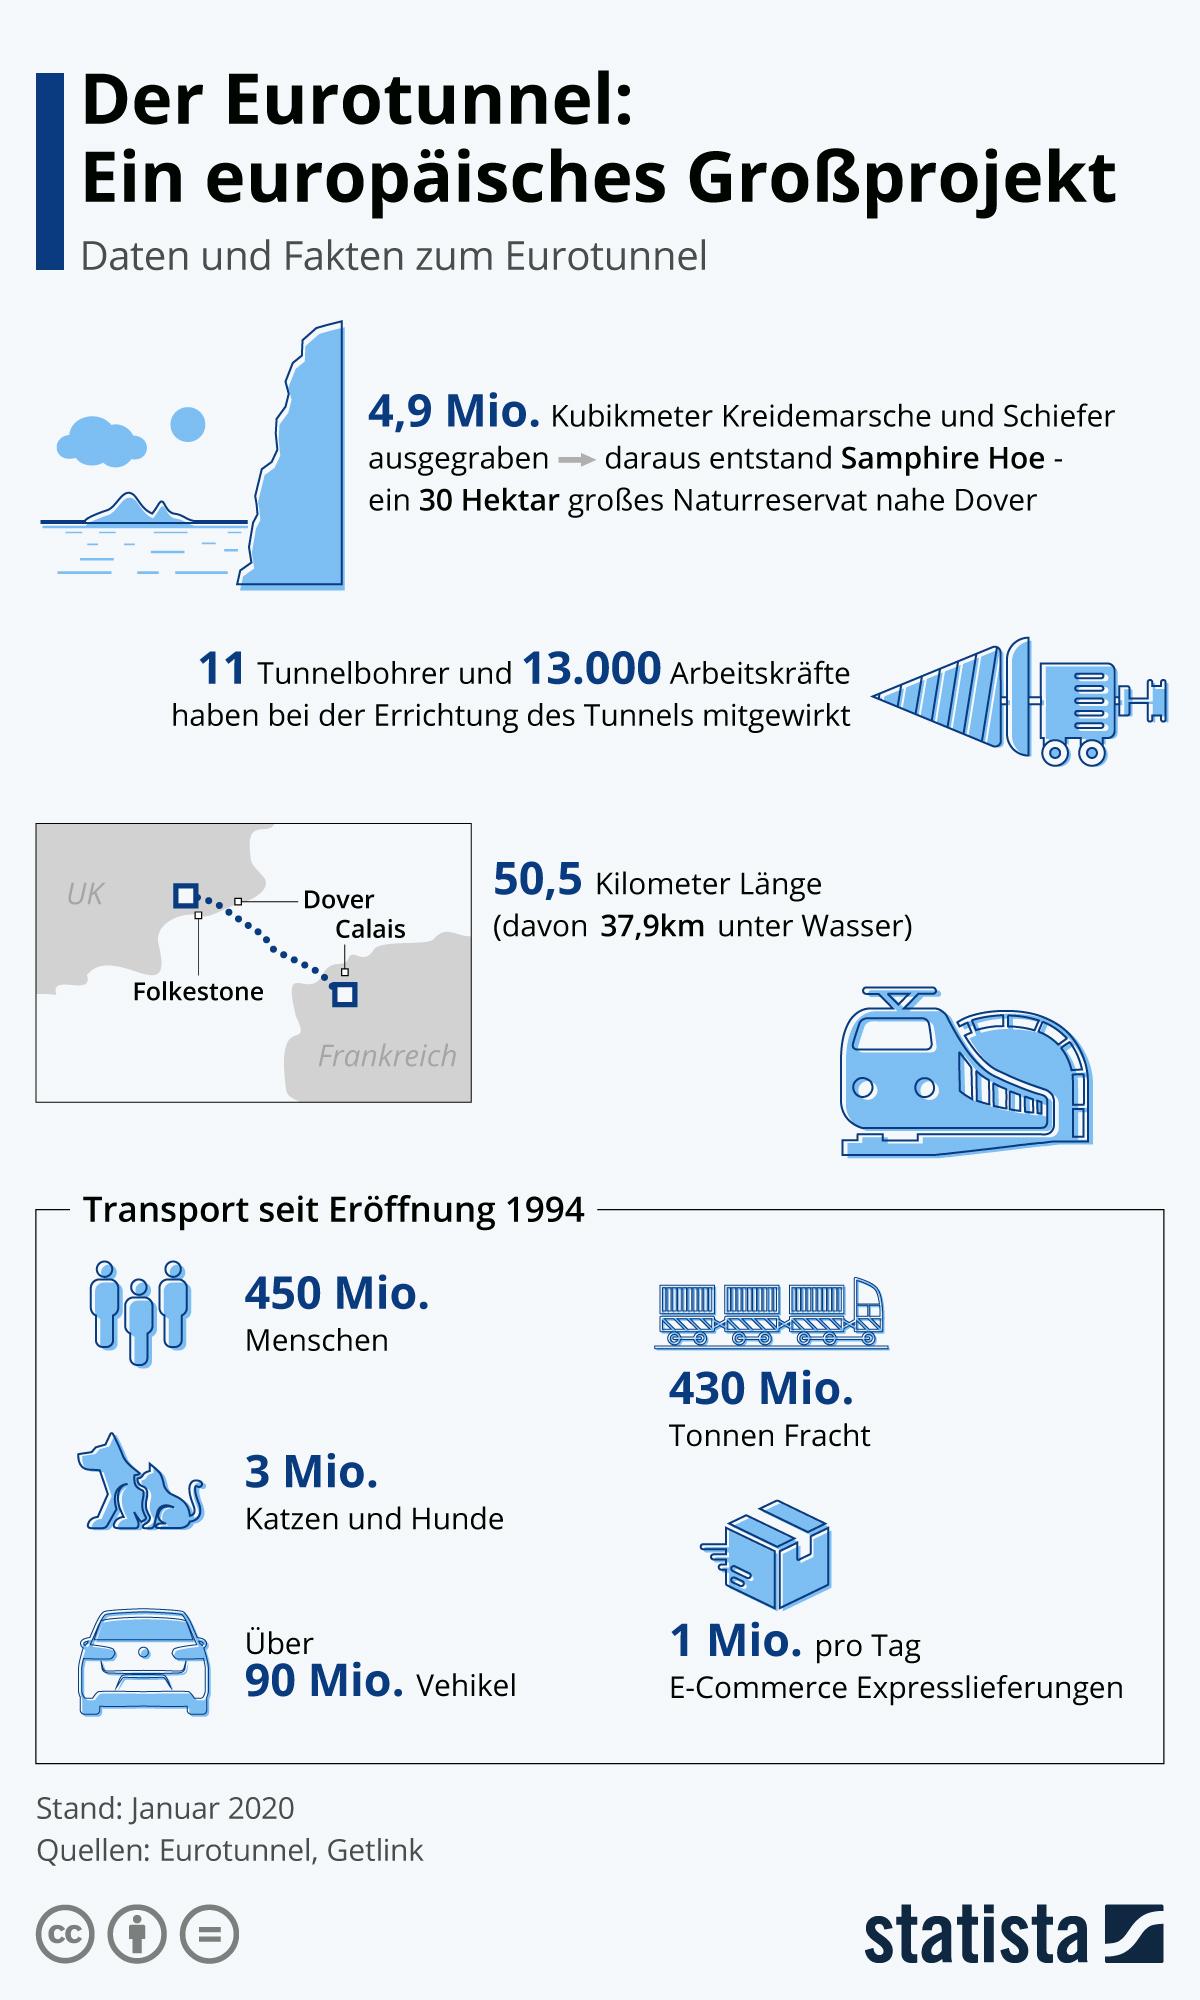 Infografik: Der Eurotunnel: Ein europäisches Großprojekt | Statista